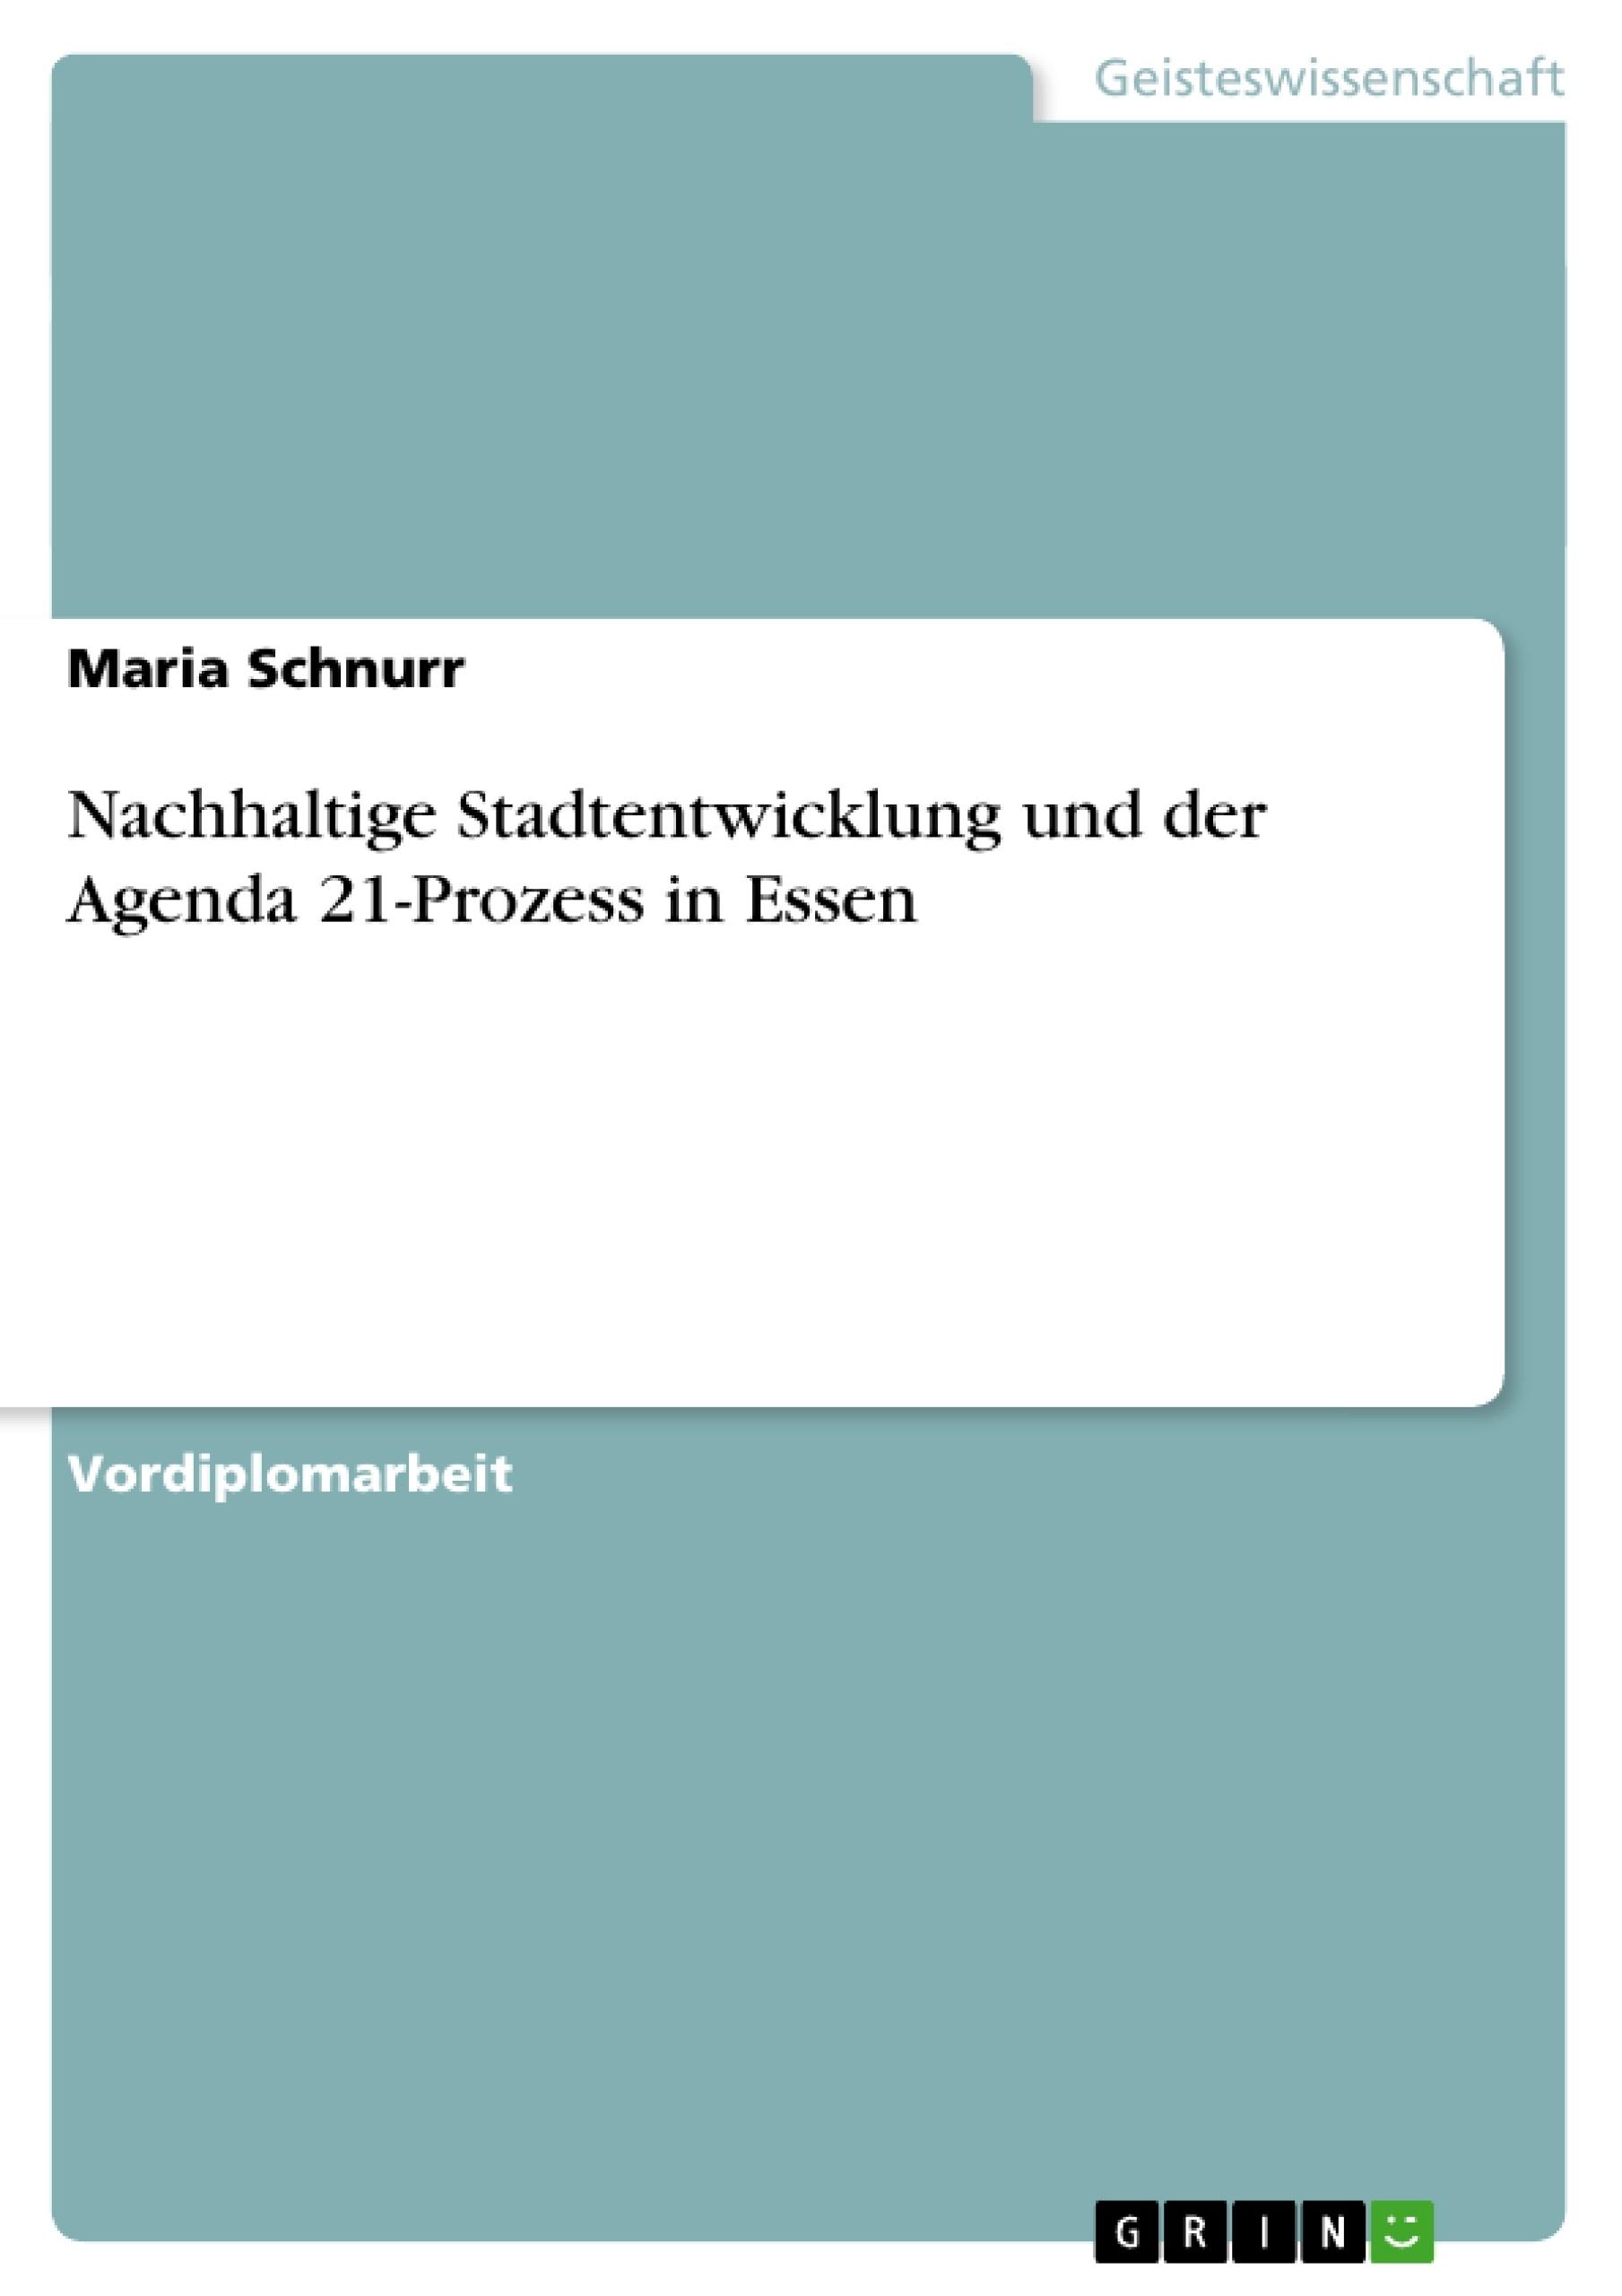 Titel: Nachhaltige Stadtentwicklung und der Agenda 21-Prozess in Essen